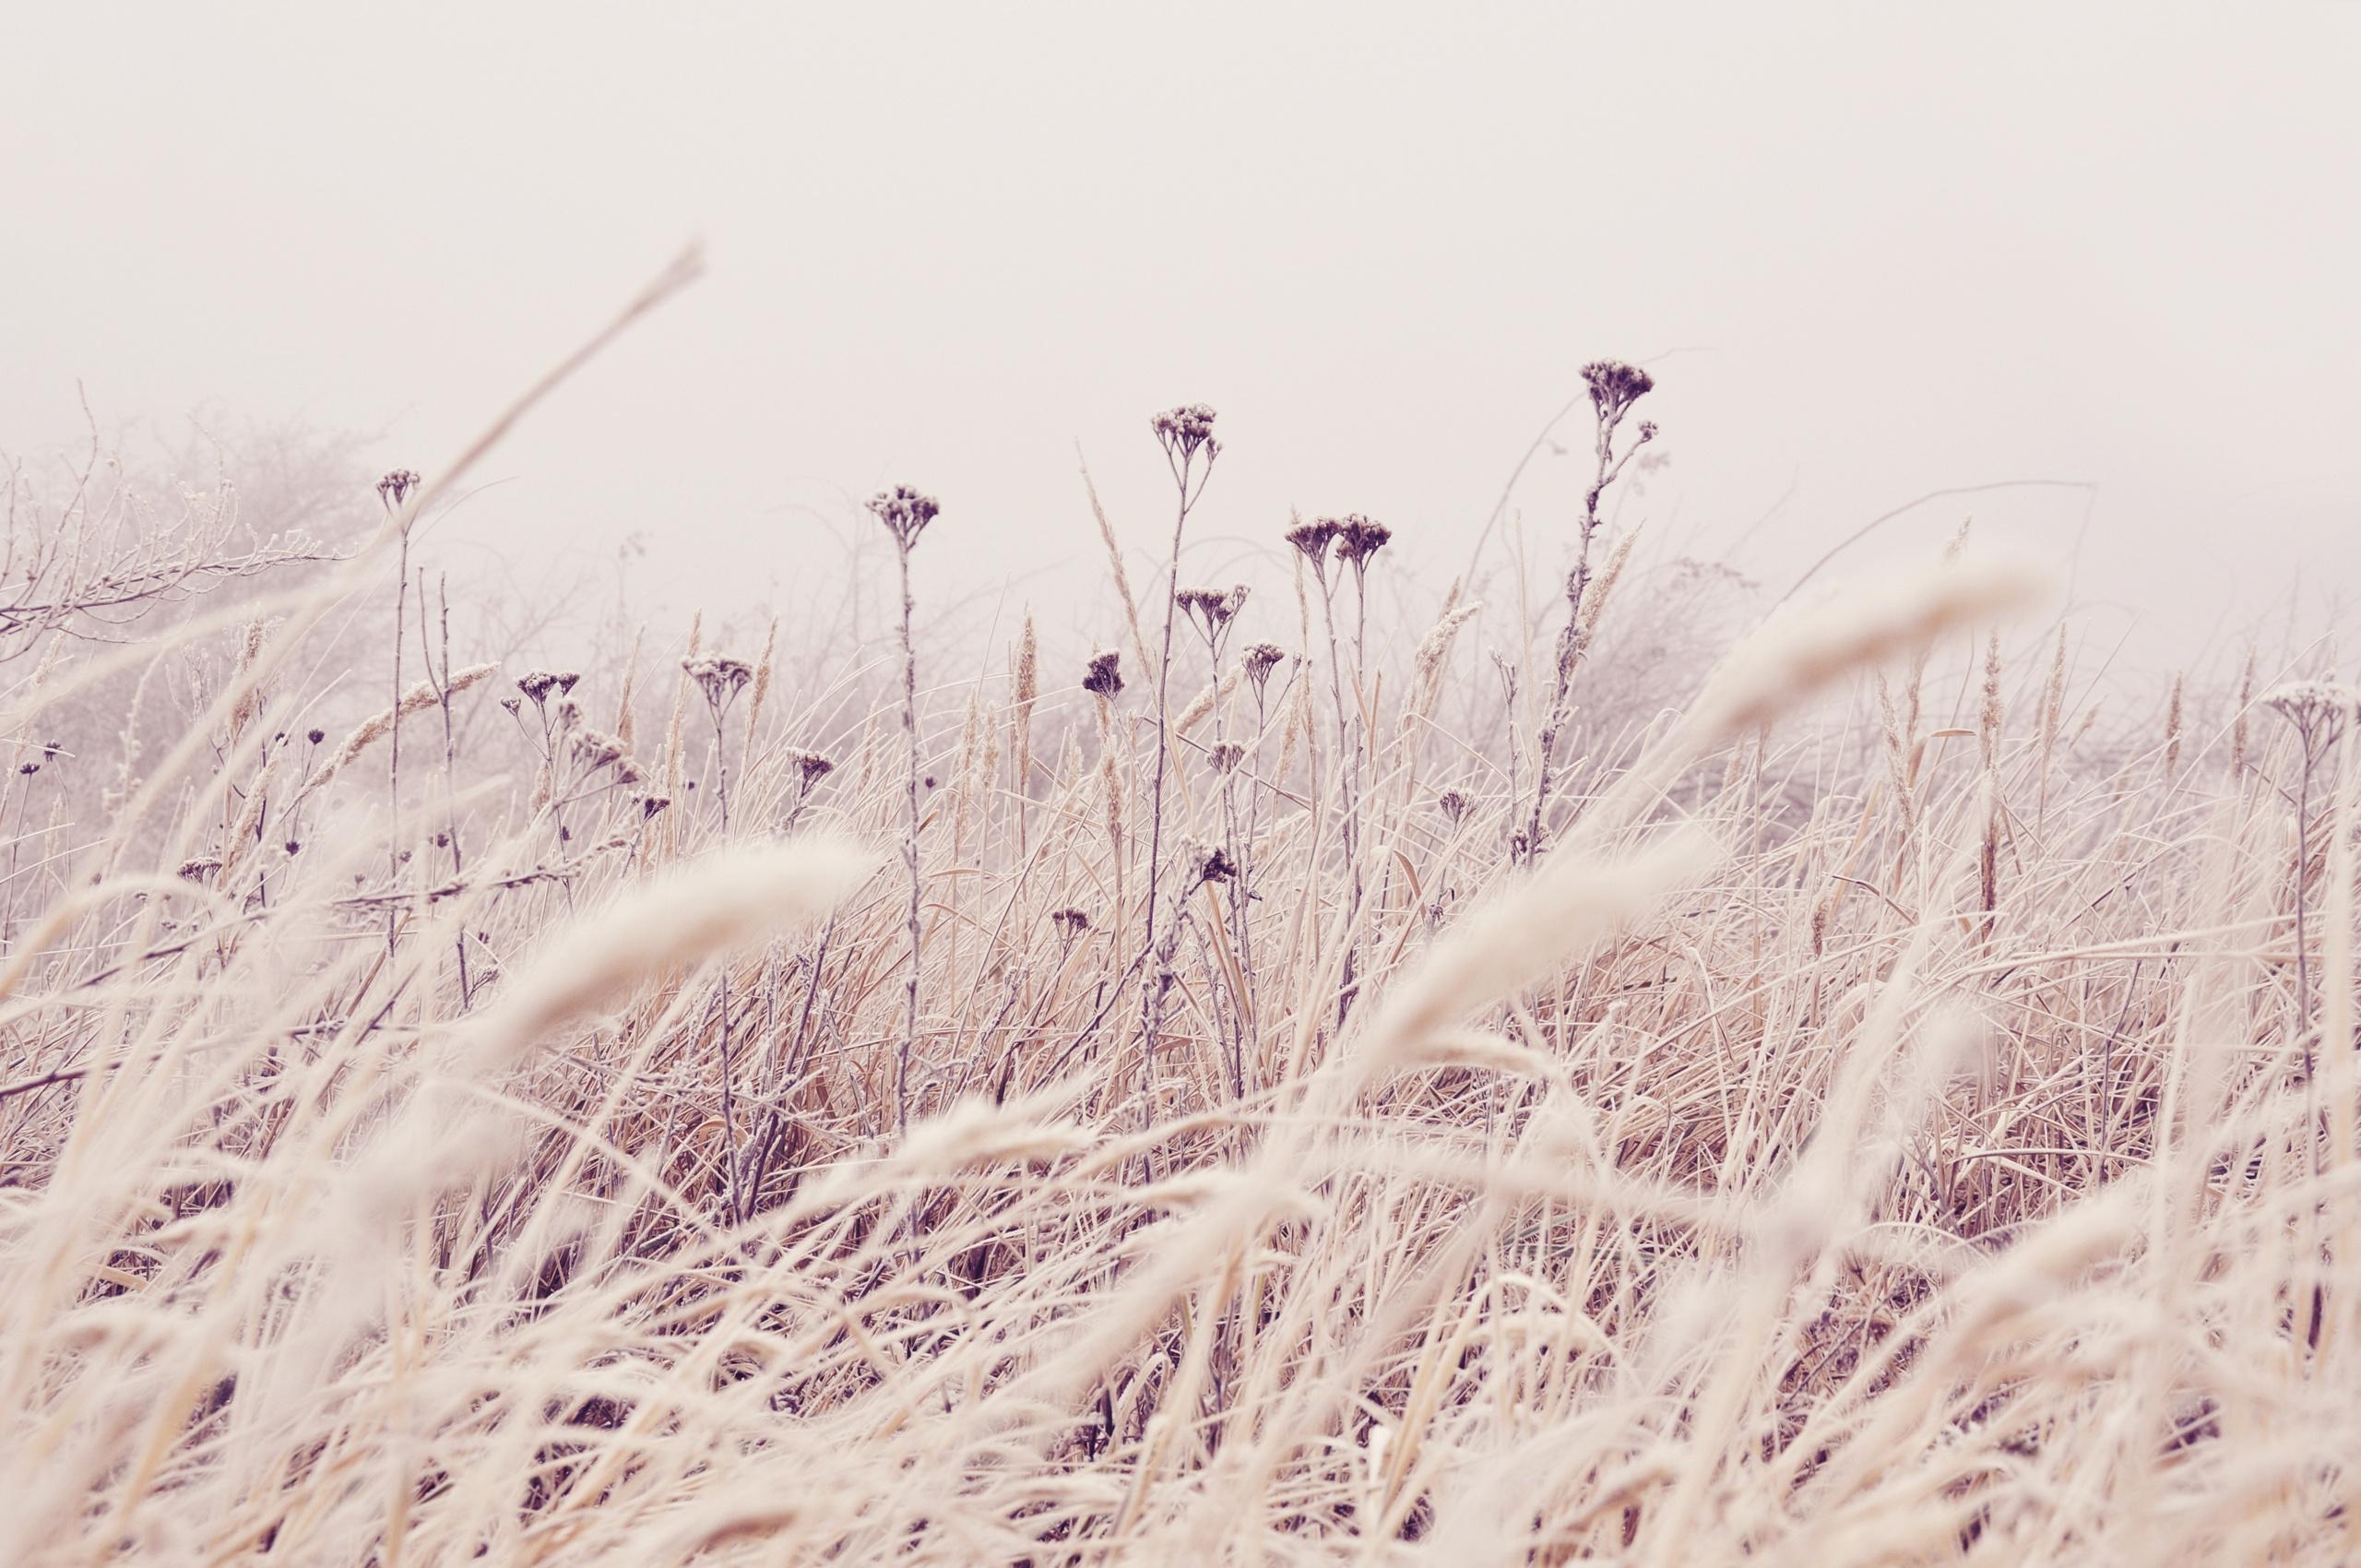 141144 скачать обои Макро, Растения, Стебли, Поле, Трава, Природа, Цветы - заставки и картинки бесплатно